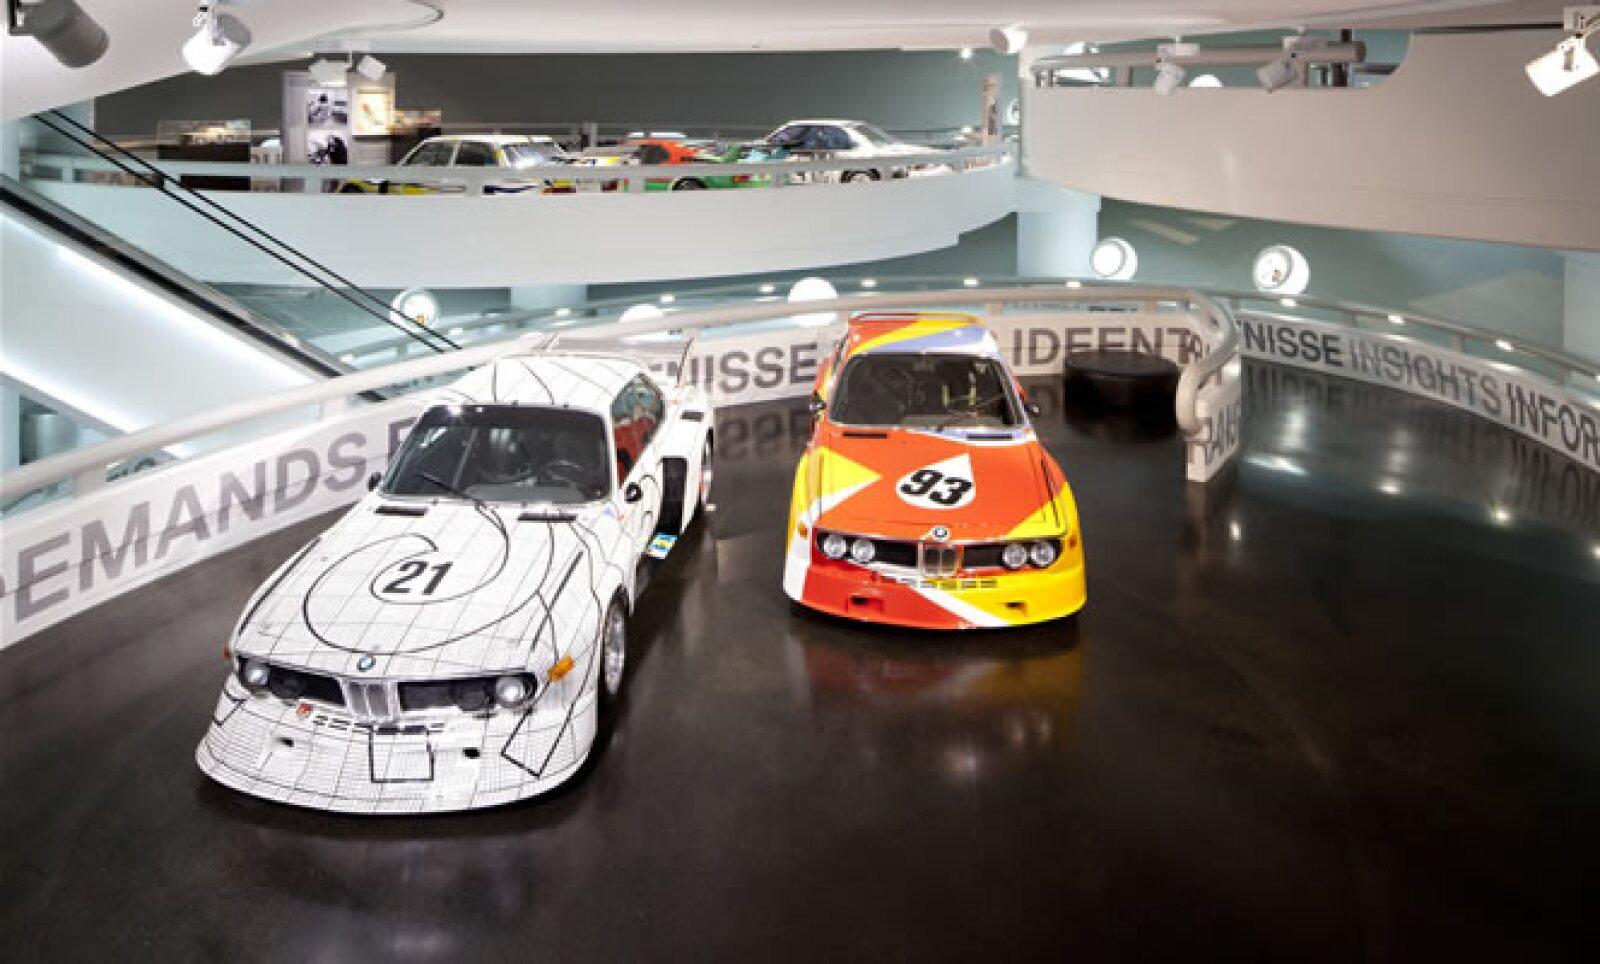 En respuesta a su iniciativa, el estadounidense Alexander Calder pintó sobre el auto de carreras BMW 3.0. CSL.